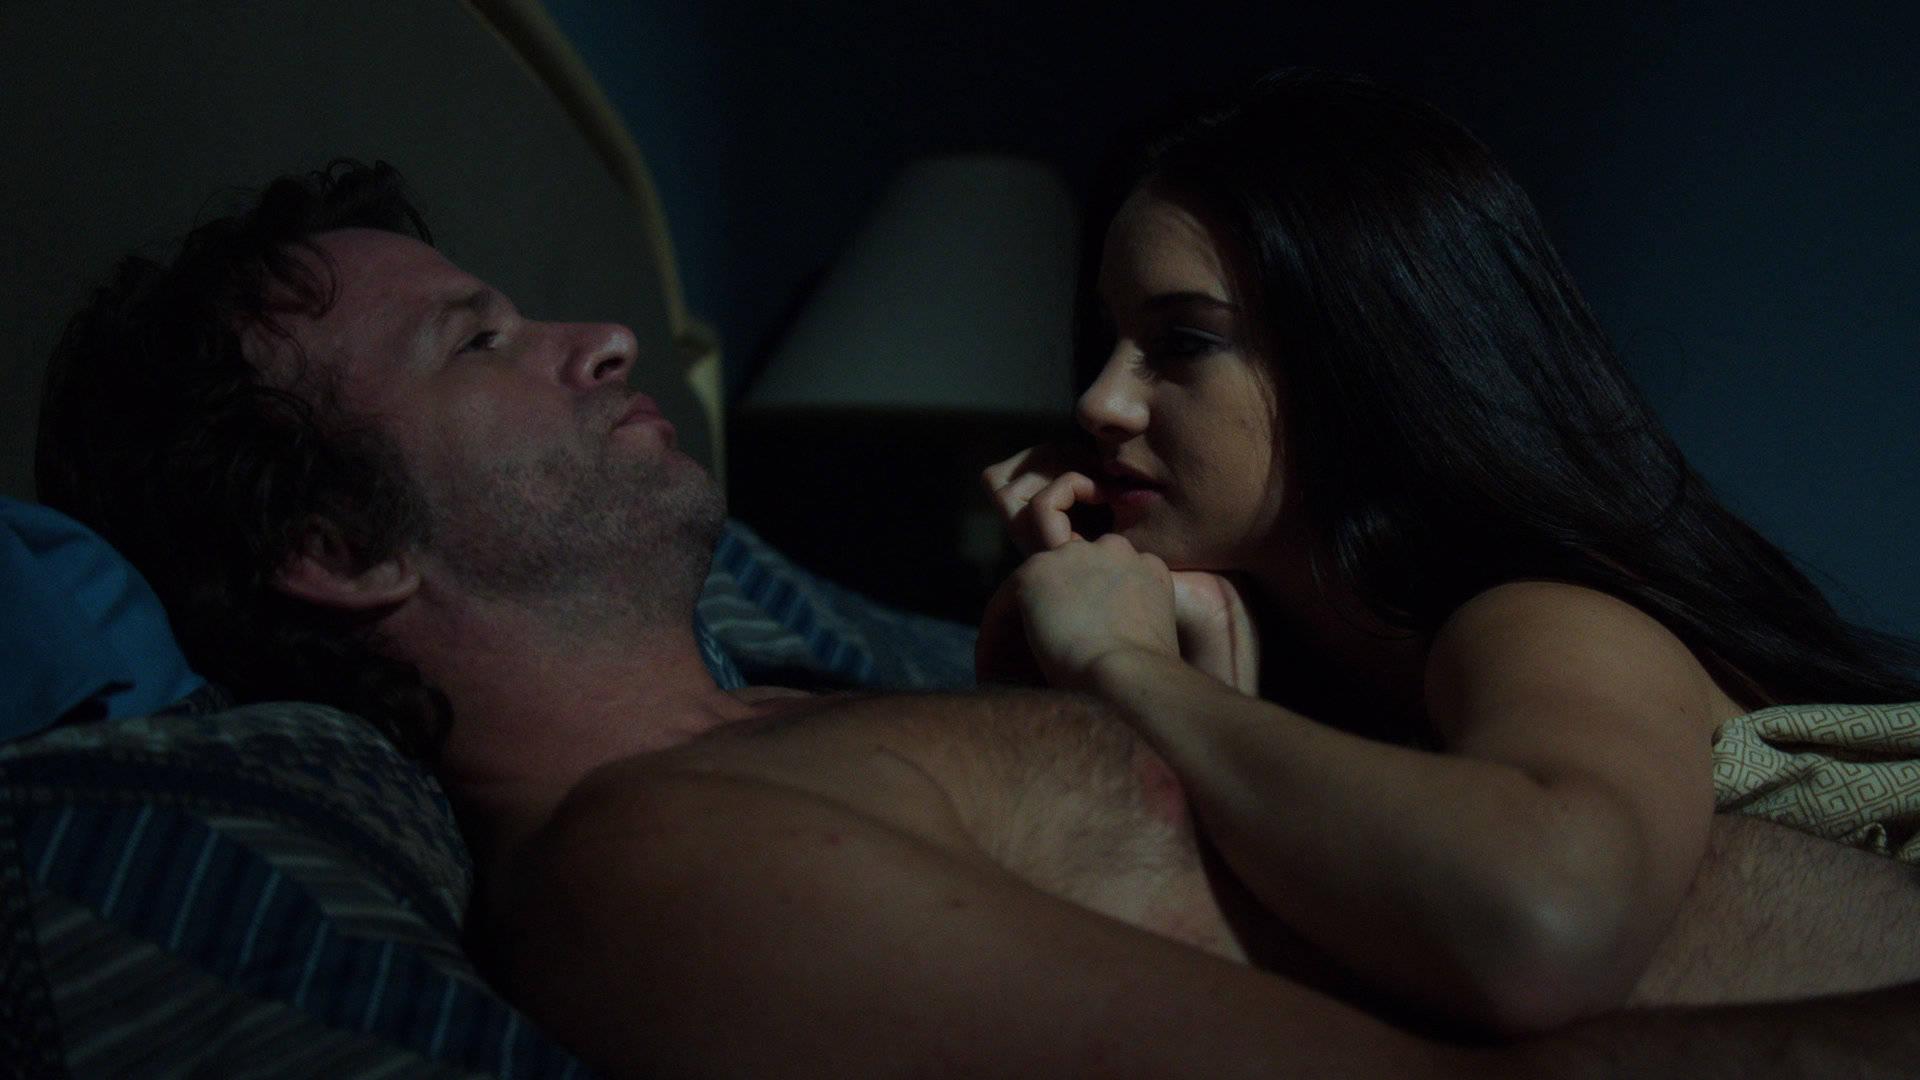 Сексуальные сцены порно hd